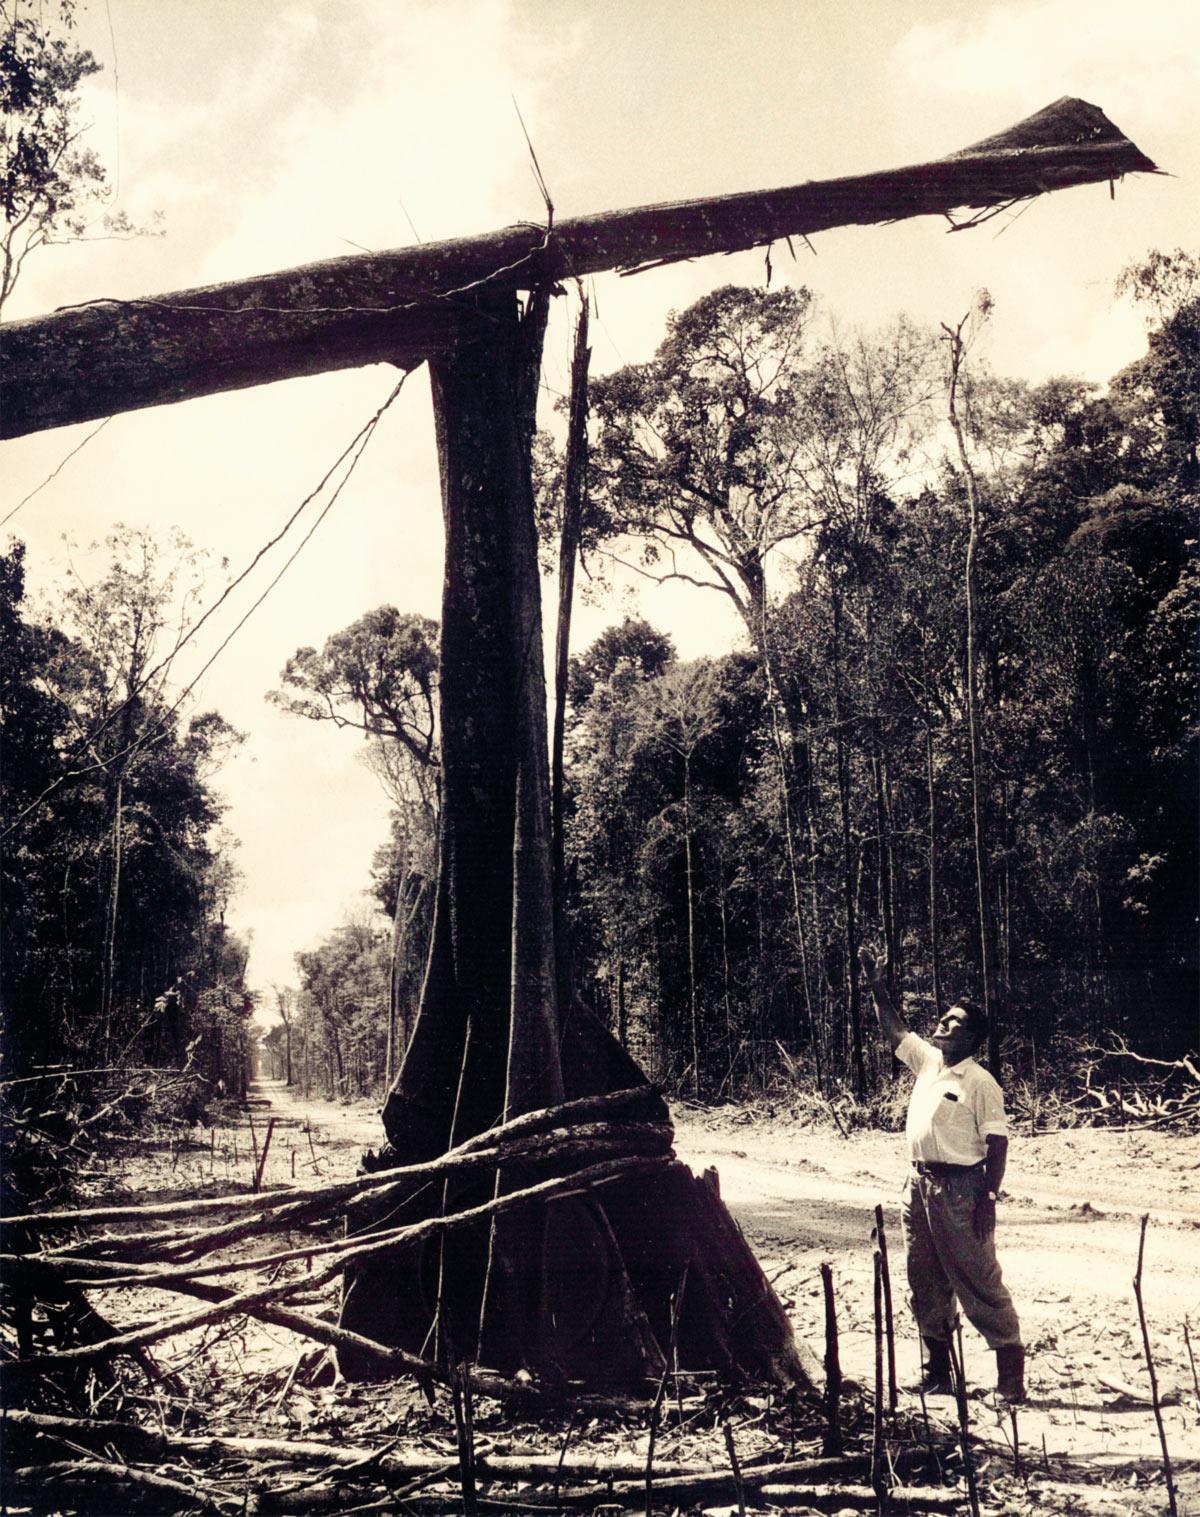 Sayão buscou o Norte eterno quando percebeu o fi m da utopia na cidade onde fincou a primeira estaca de madeira, em 1956: Brasília